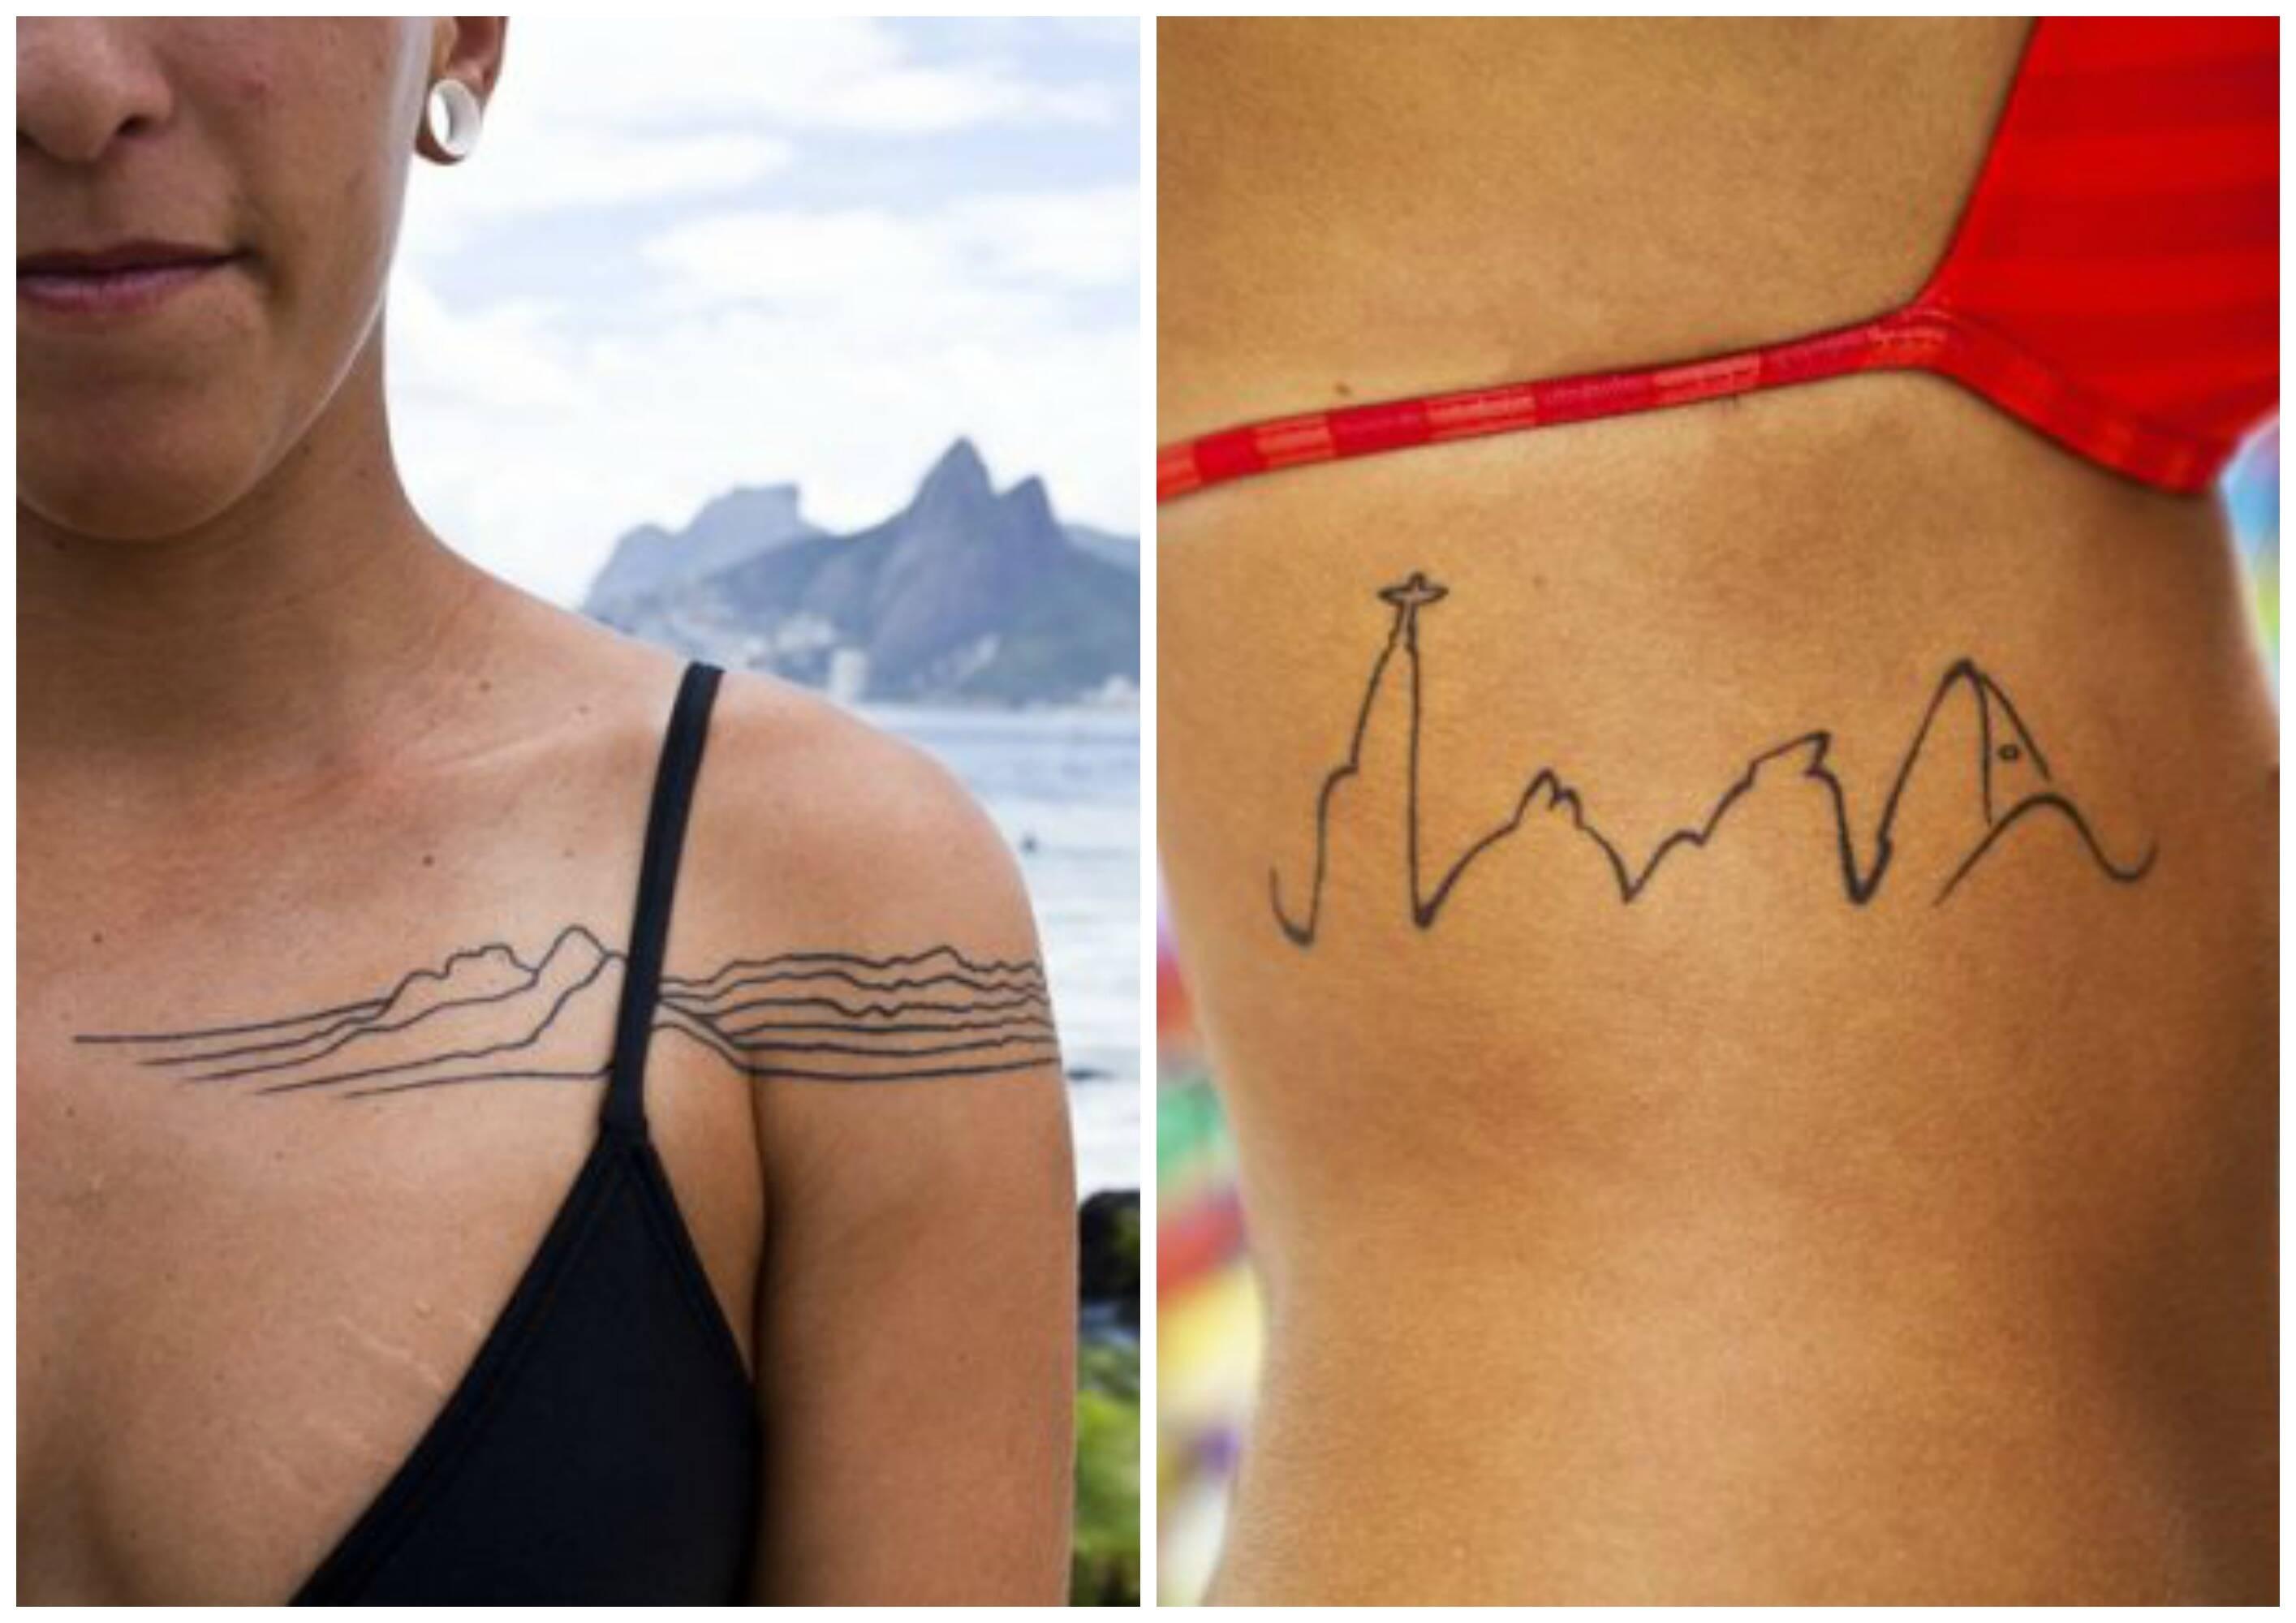 """Na festa """"Rio porque tô no Rio"""" vão estar expostas imagens da fotógrafa Júlia Assis feitas em homenagem à cidade, como as duas acima/ Fotos: divulgação"""